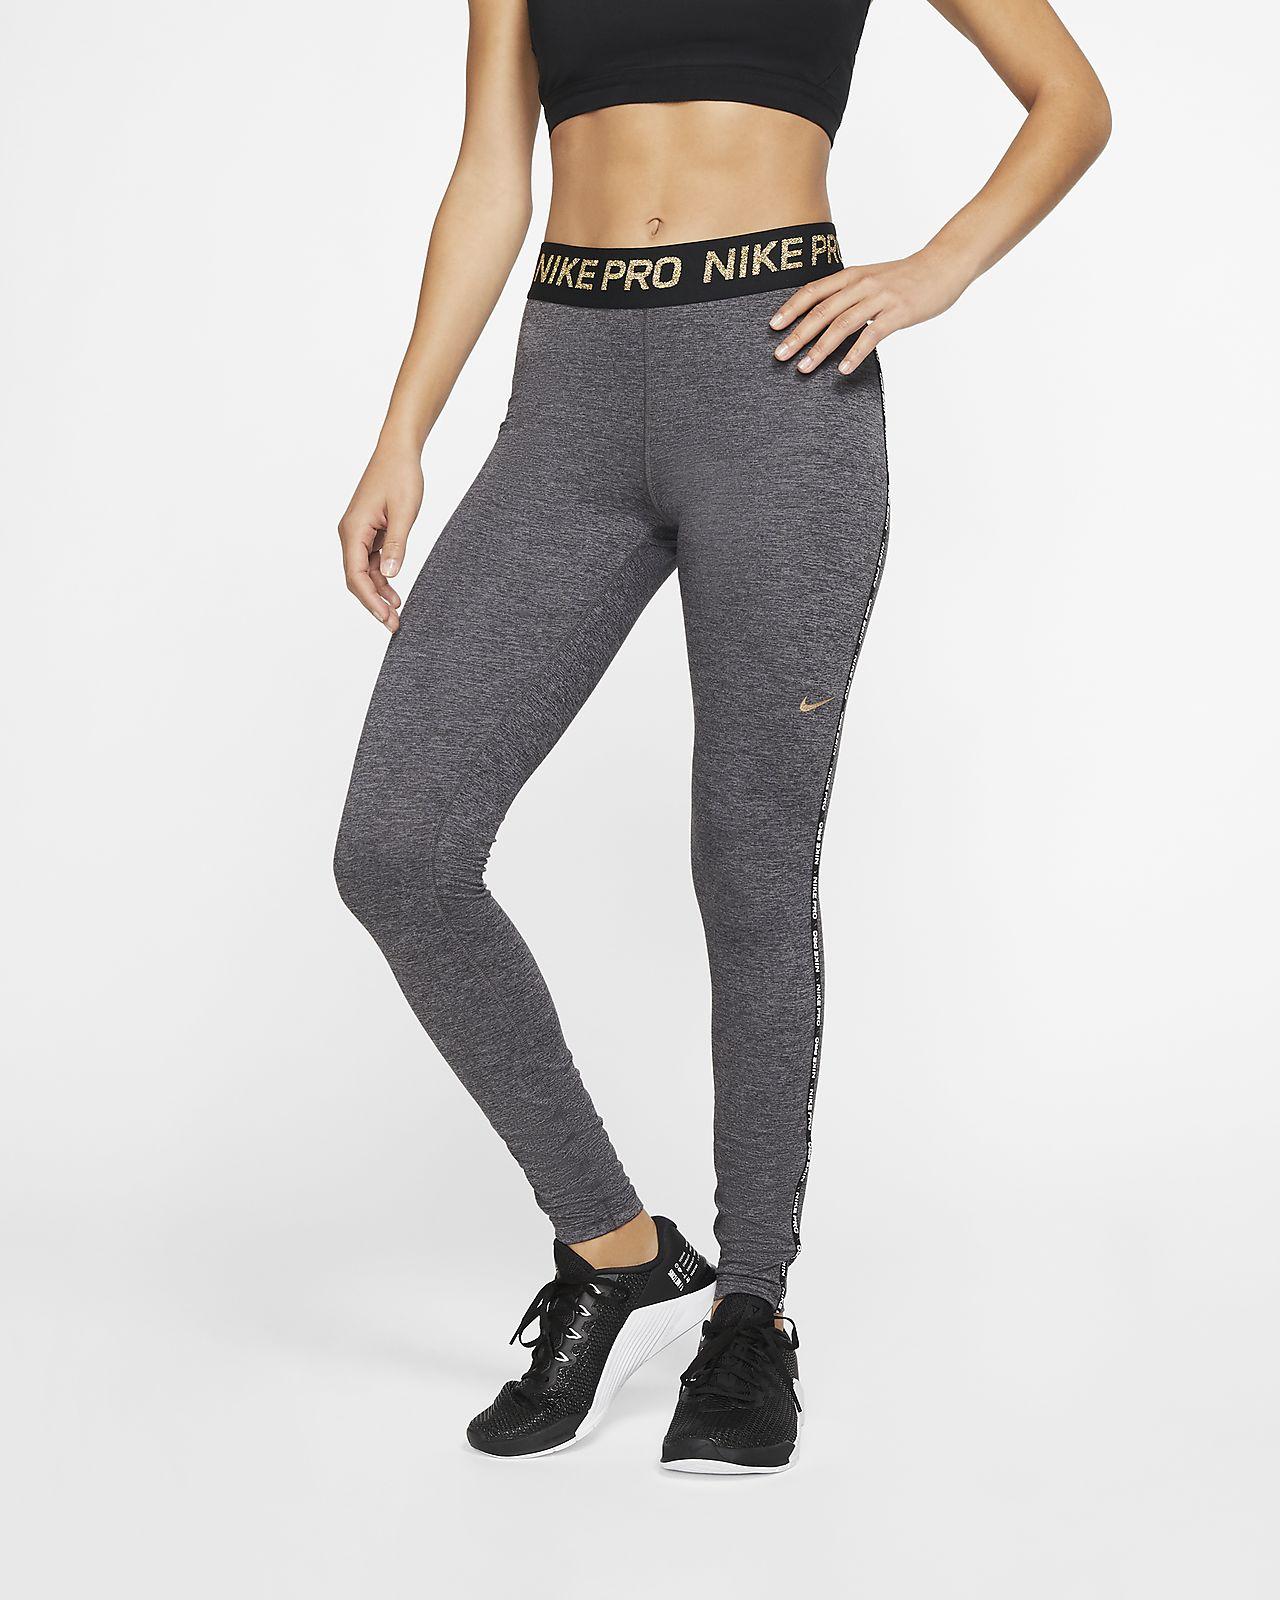 Nike Pro Warm Women's Metallic Tights